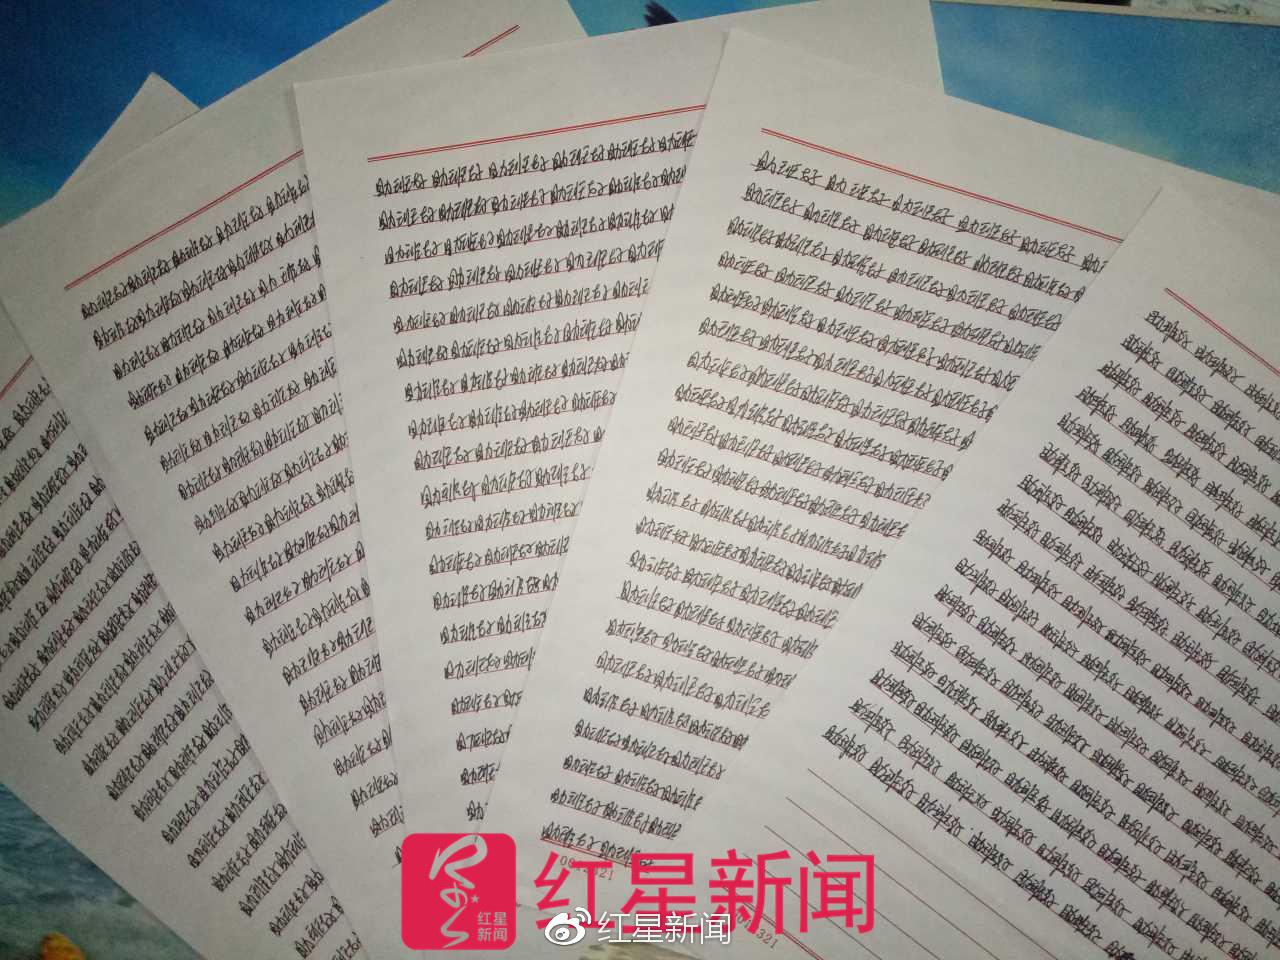 """张宇(化名)被罚写一千遍""""助班好""""  图据@龙子湖大学城"""